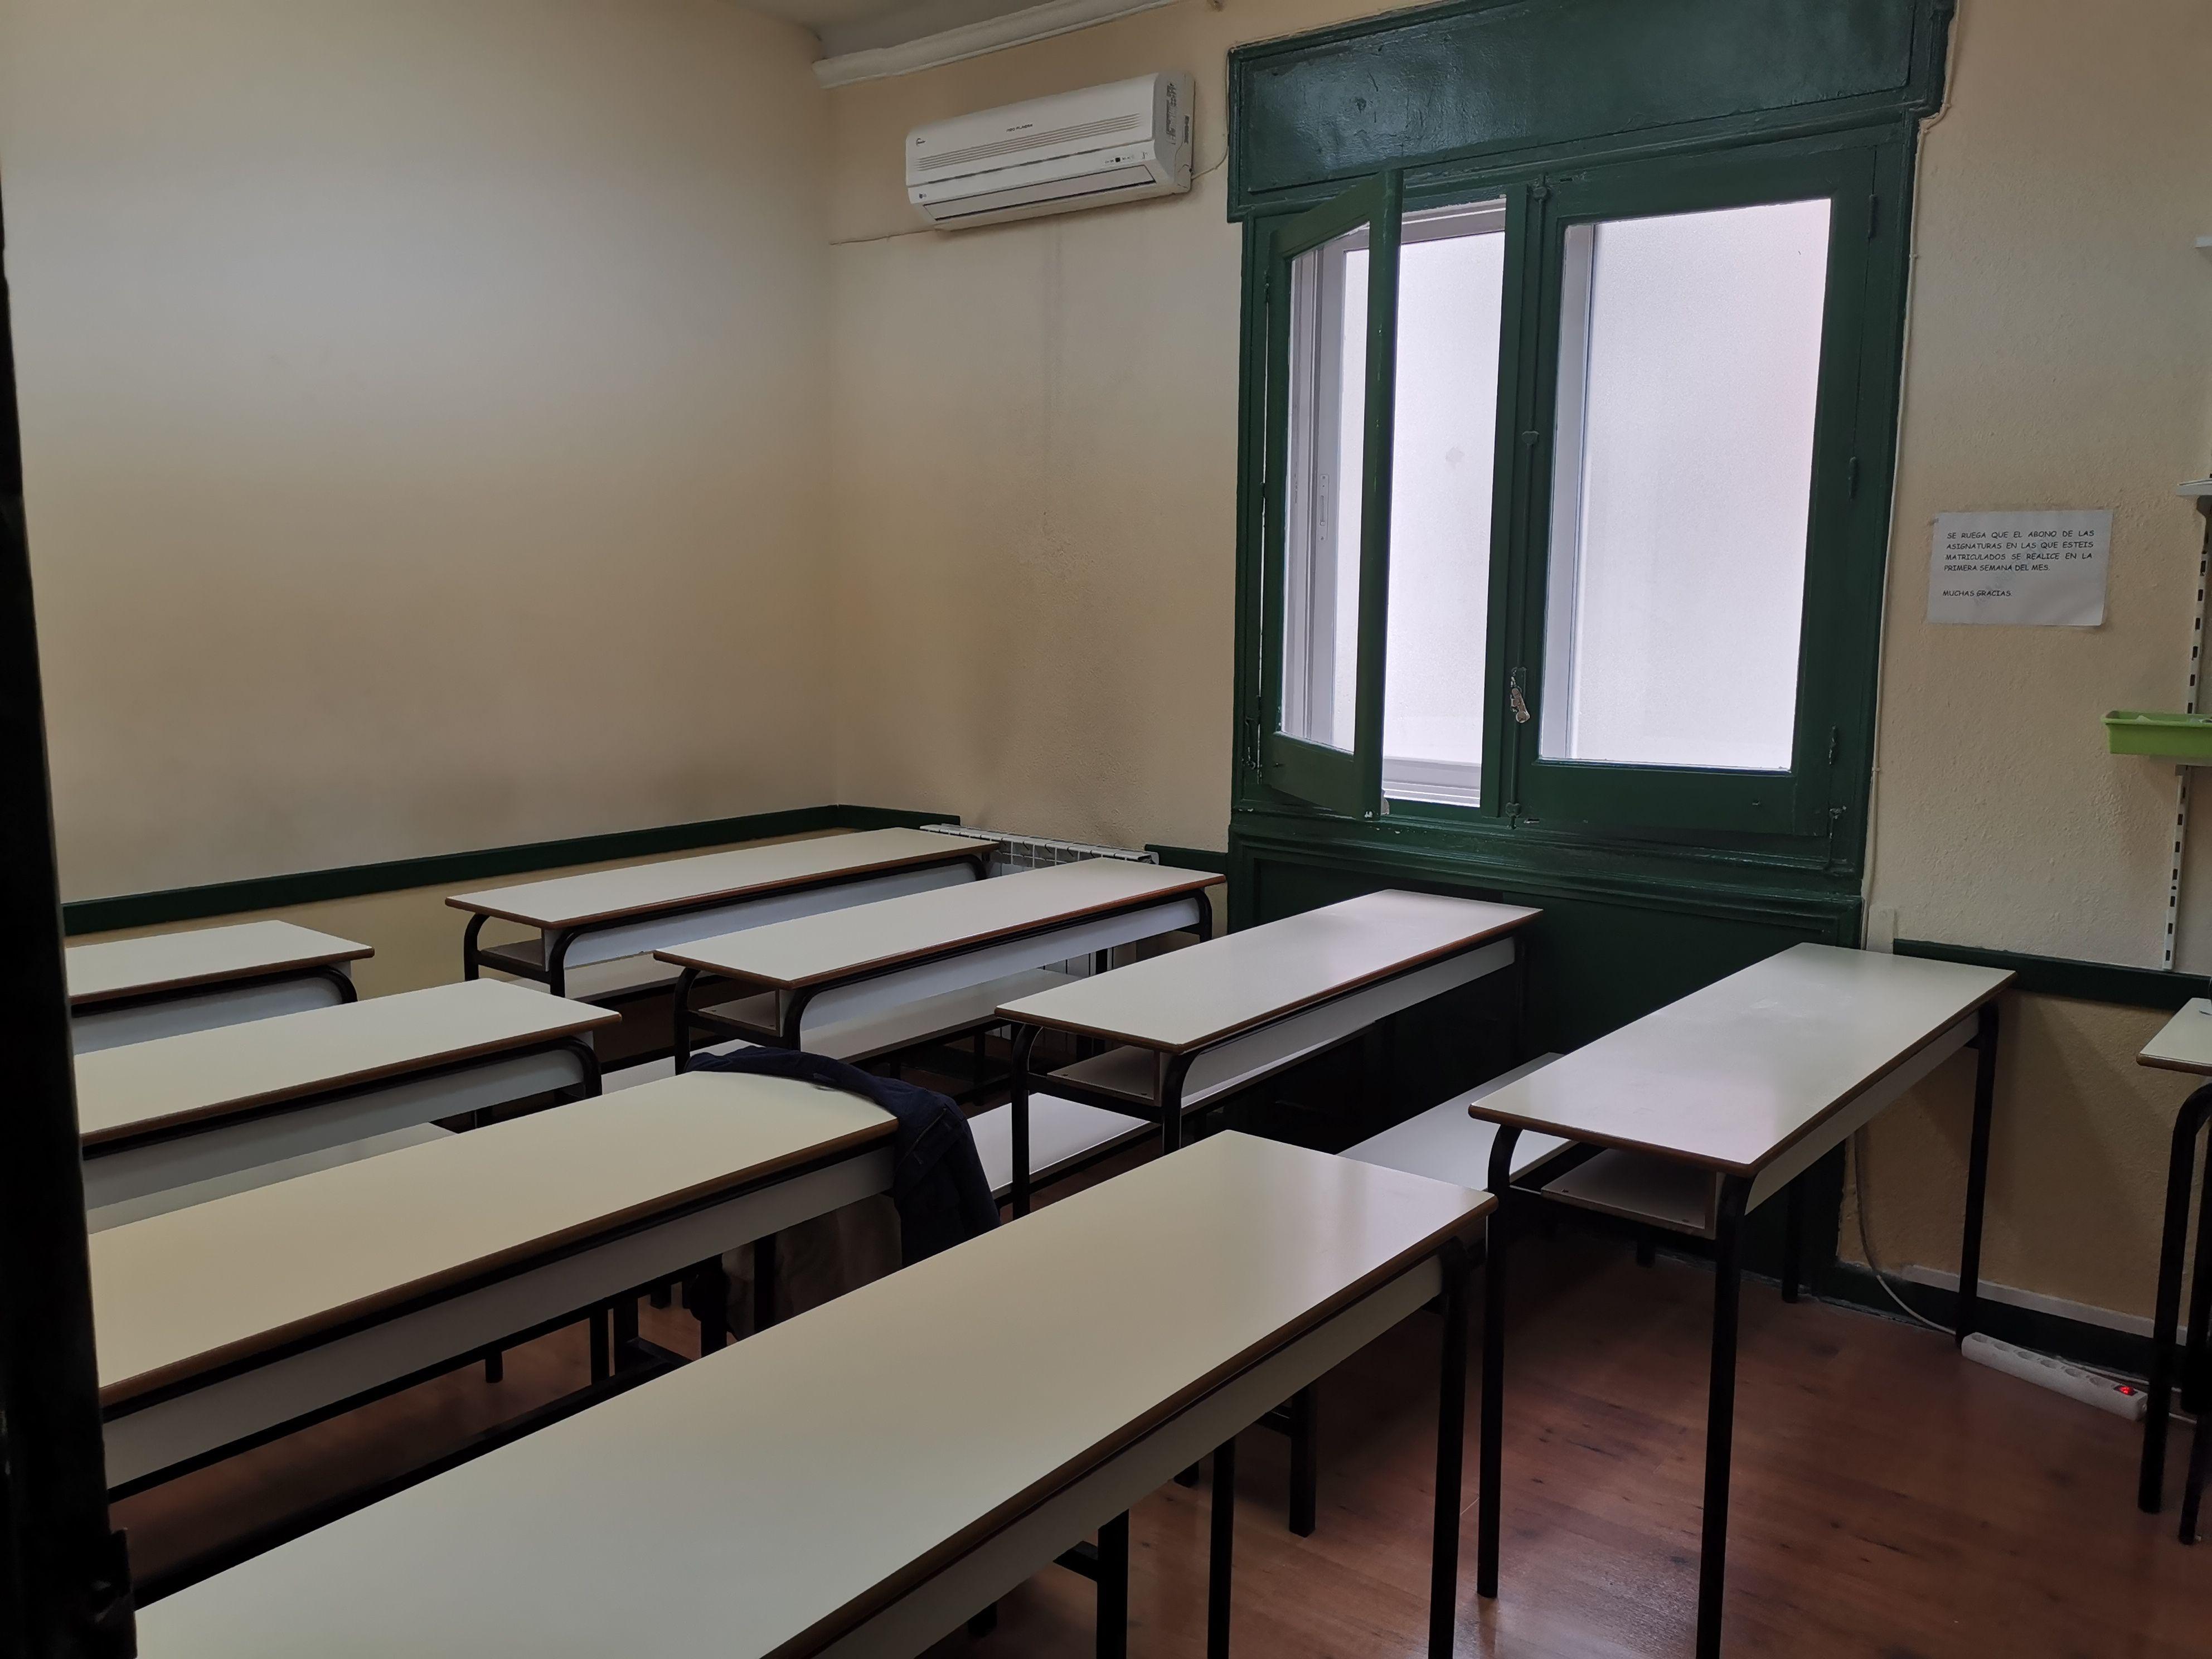 Academia con clases presenciales en Moncloa, Madrid